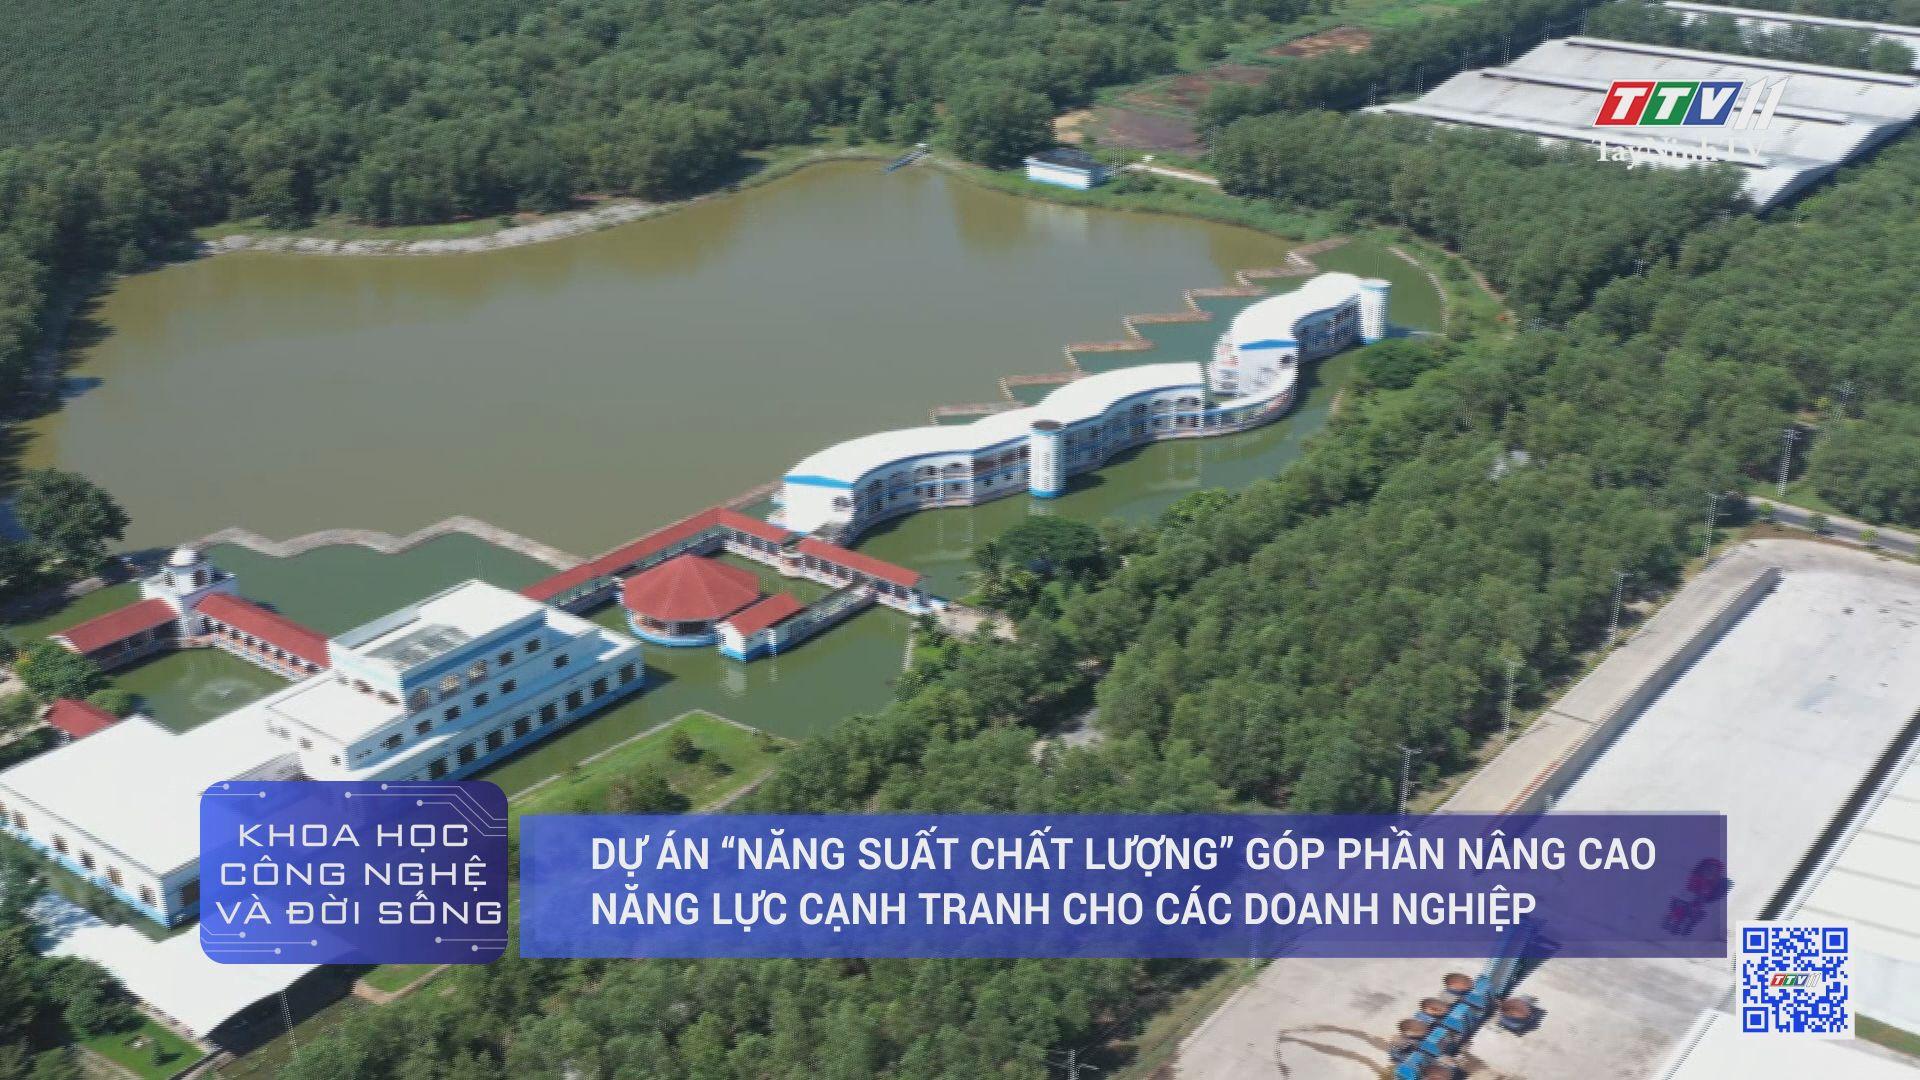 Dự án nang suất chất lượng góp phần nâng cao năng lực cạnh tranh cho các doanh nghiệp | KHOA HỌC CÔNG NGHỆ | TayNinhTV